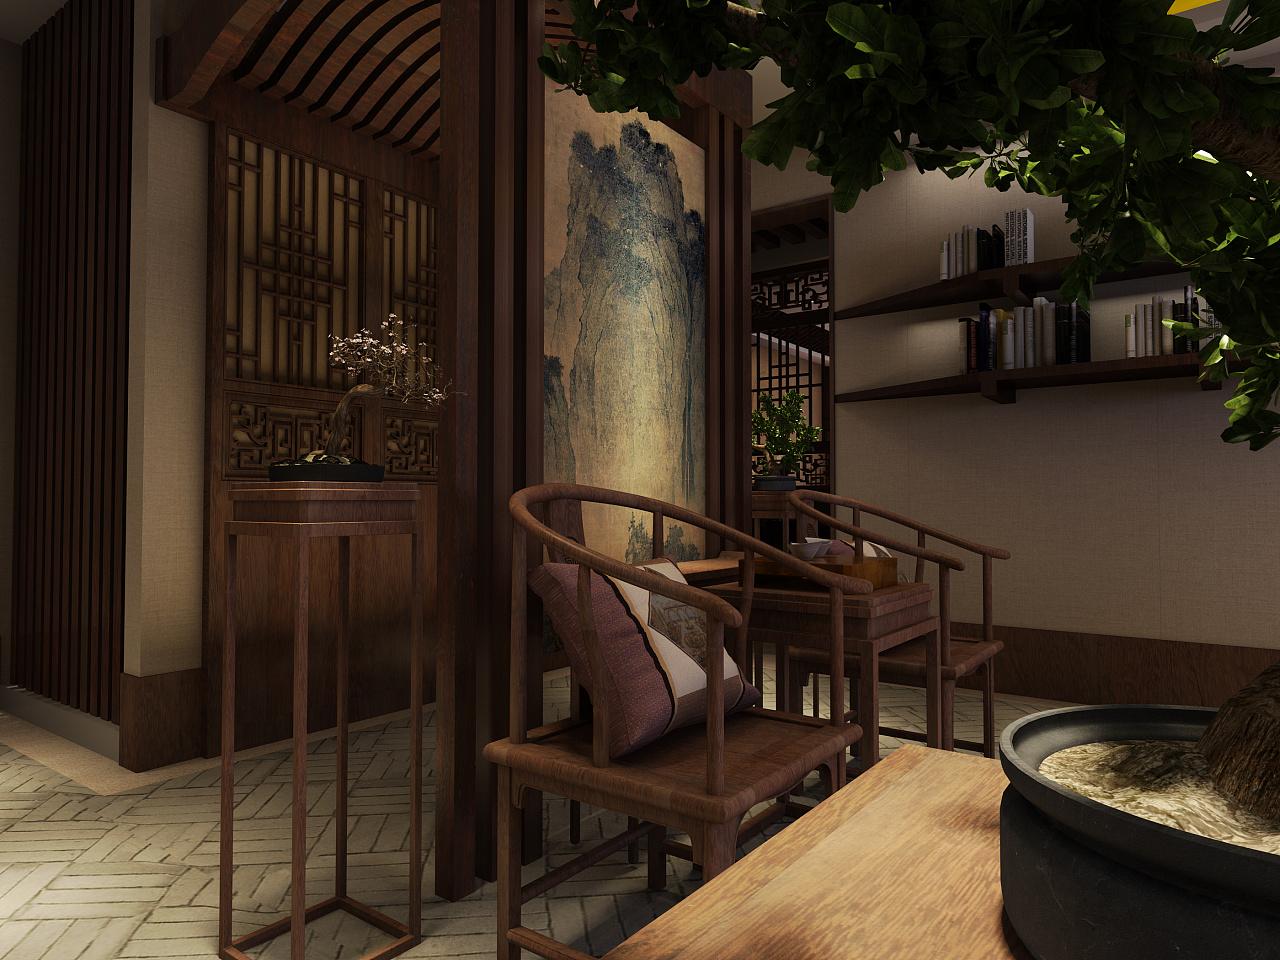 中式私人会所|空间|室内设计|晨昏昼夜 - 原创作品